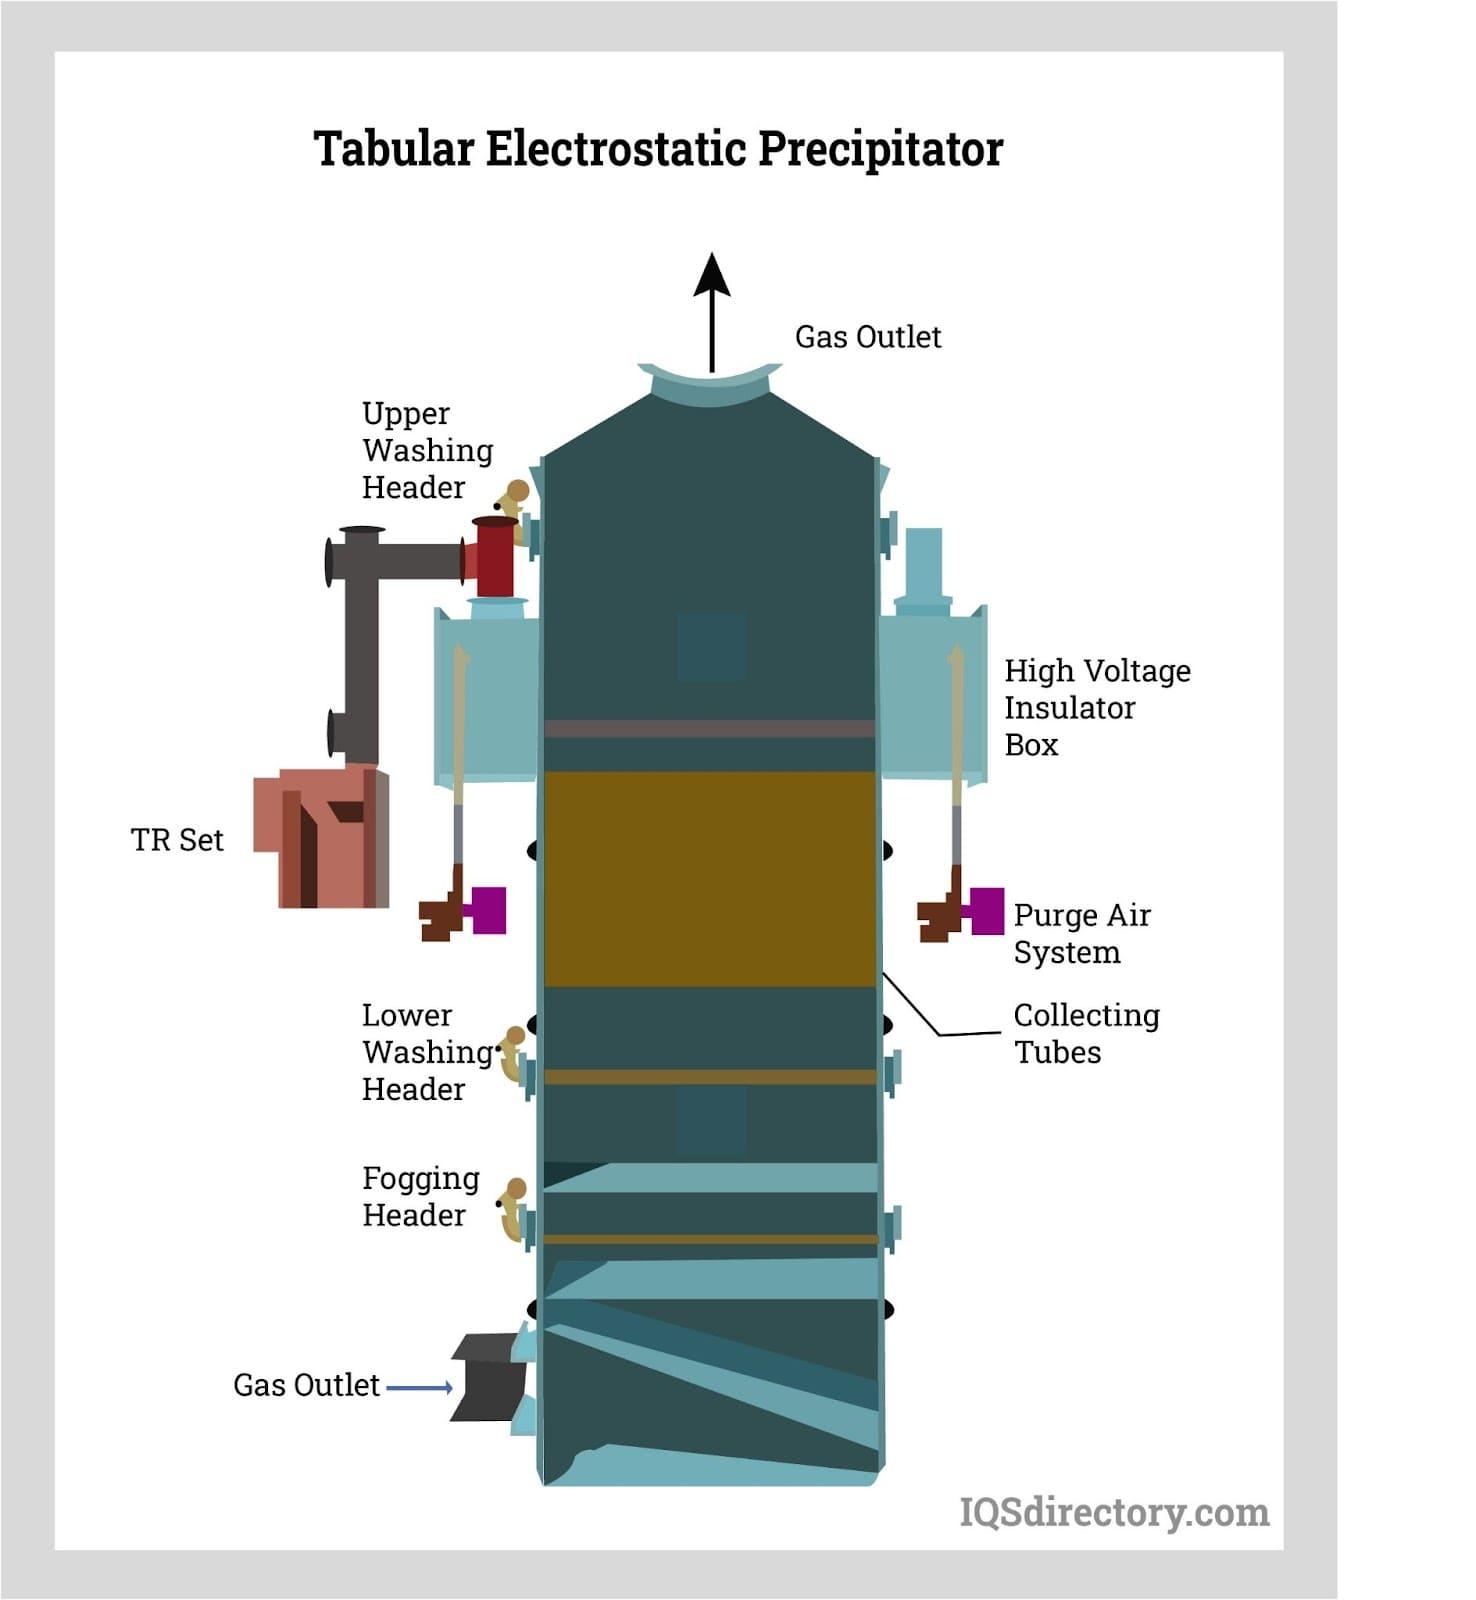 Tabular Electrostatic Precipitator